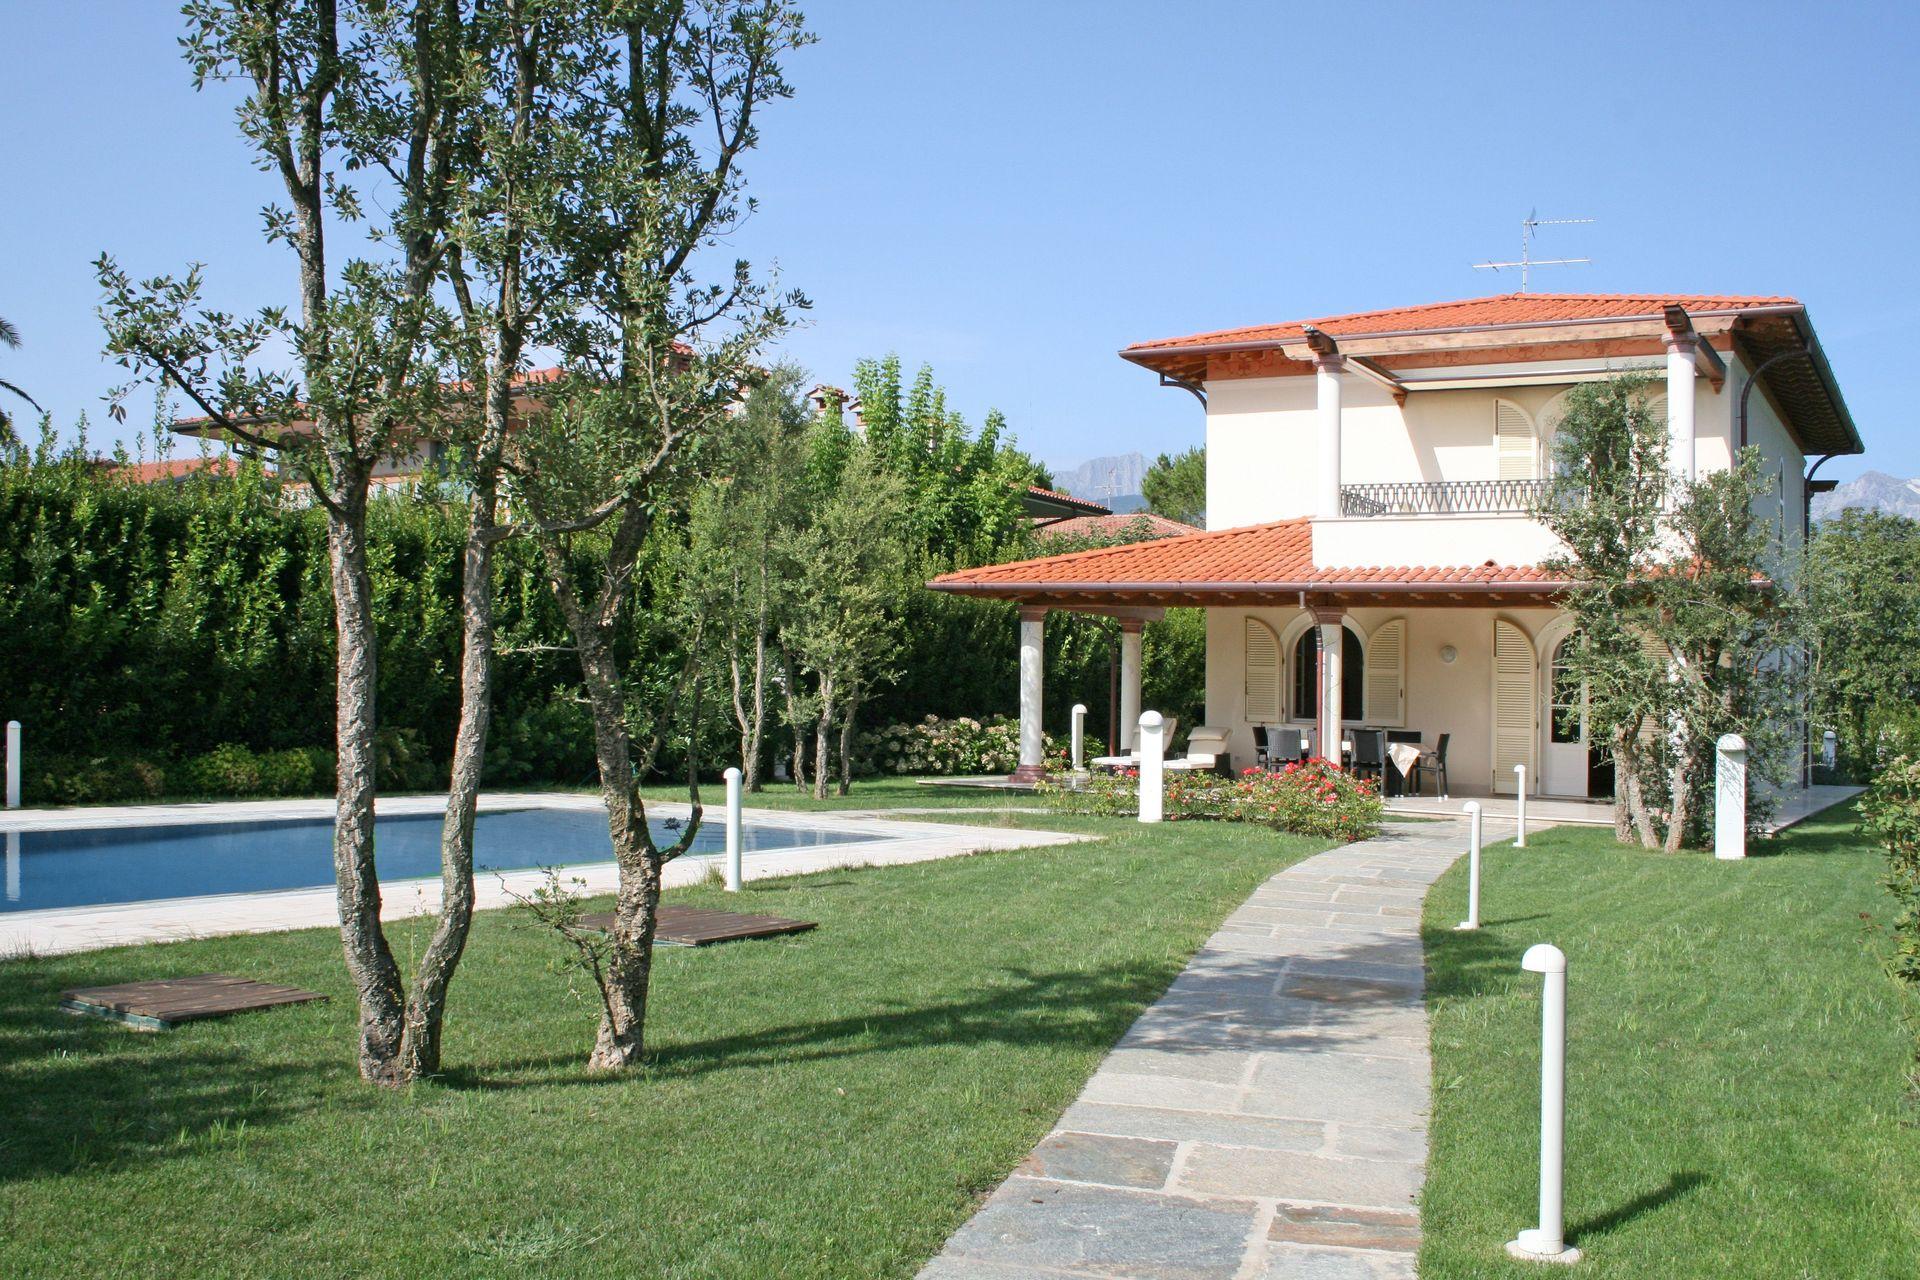 Affittare una villa a Camaiore a buon mercato vicino al mare